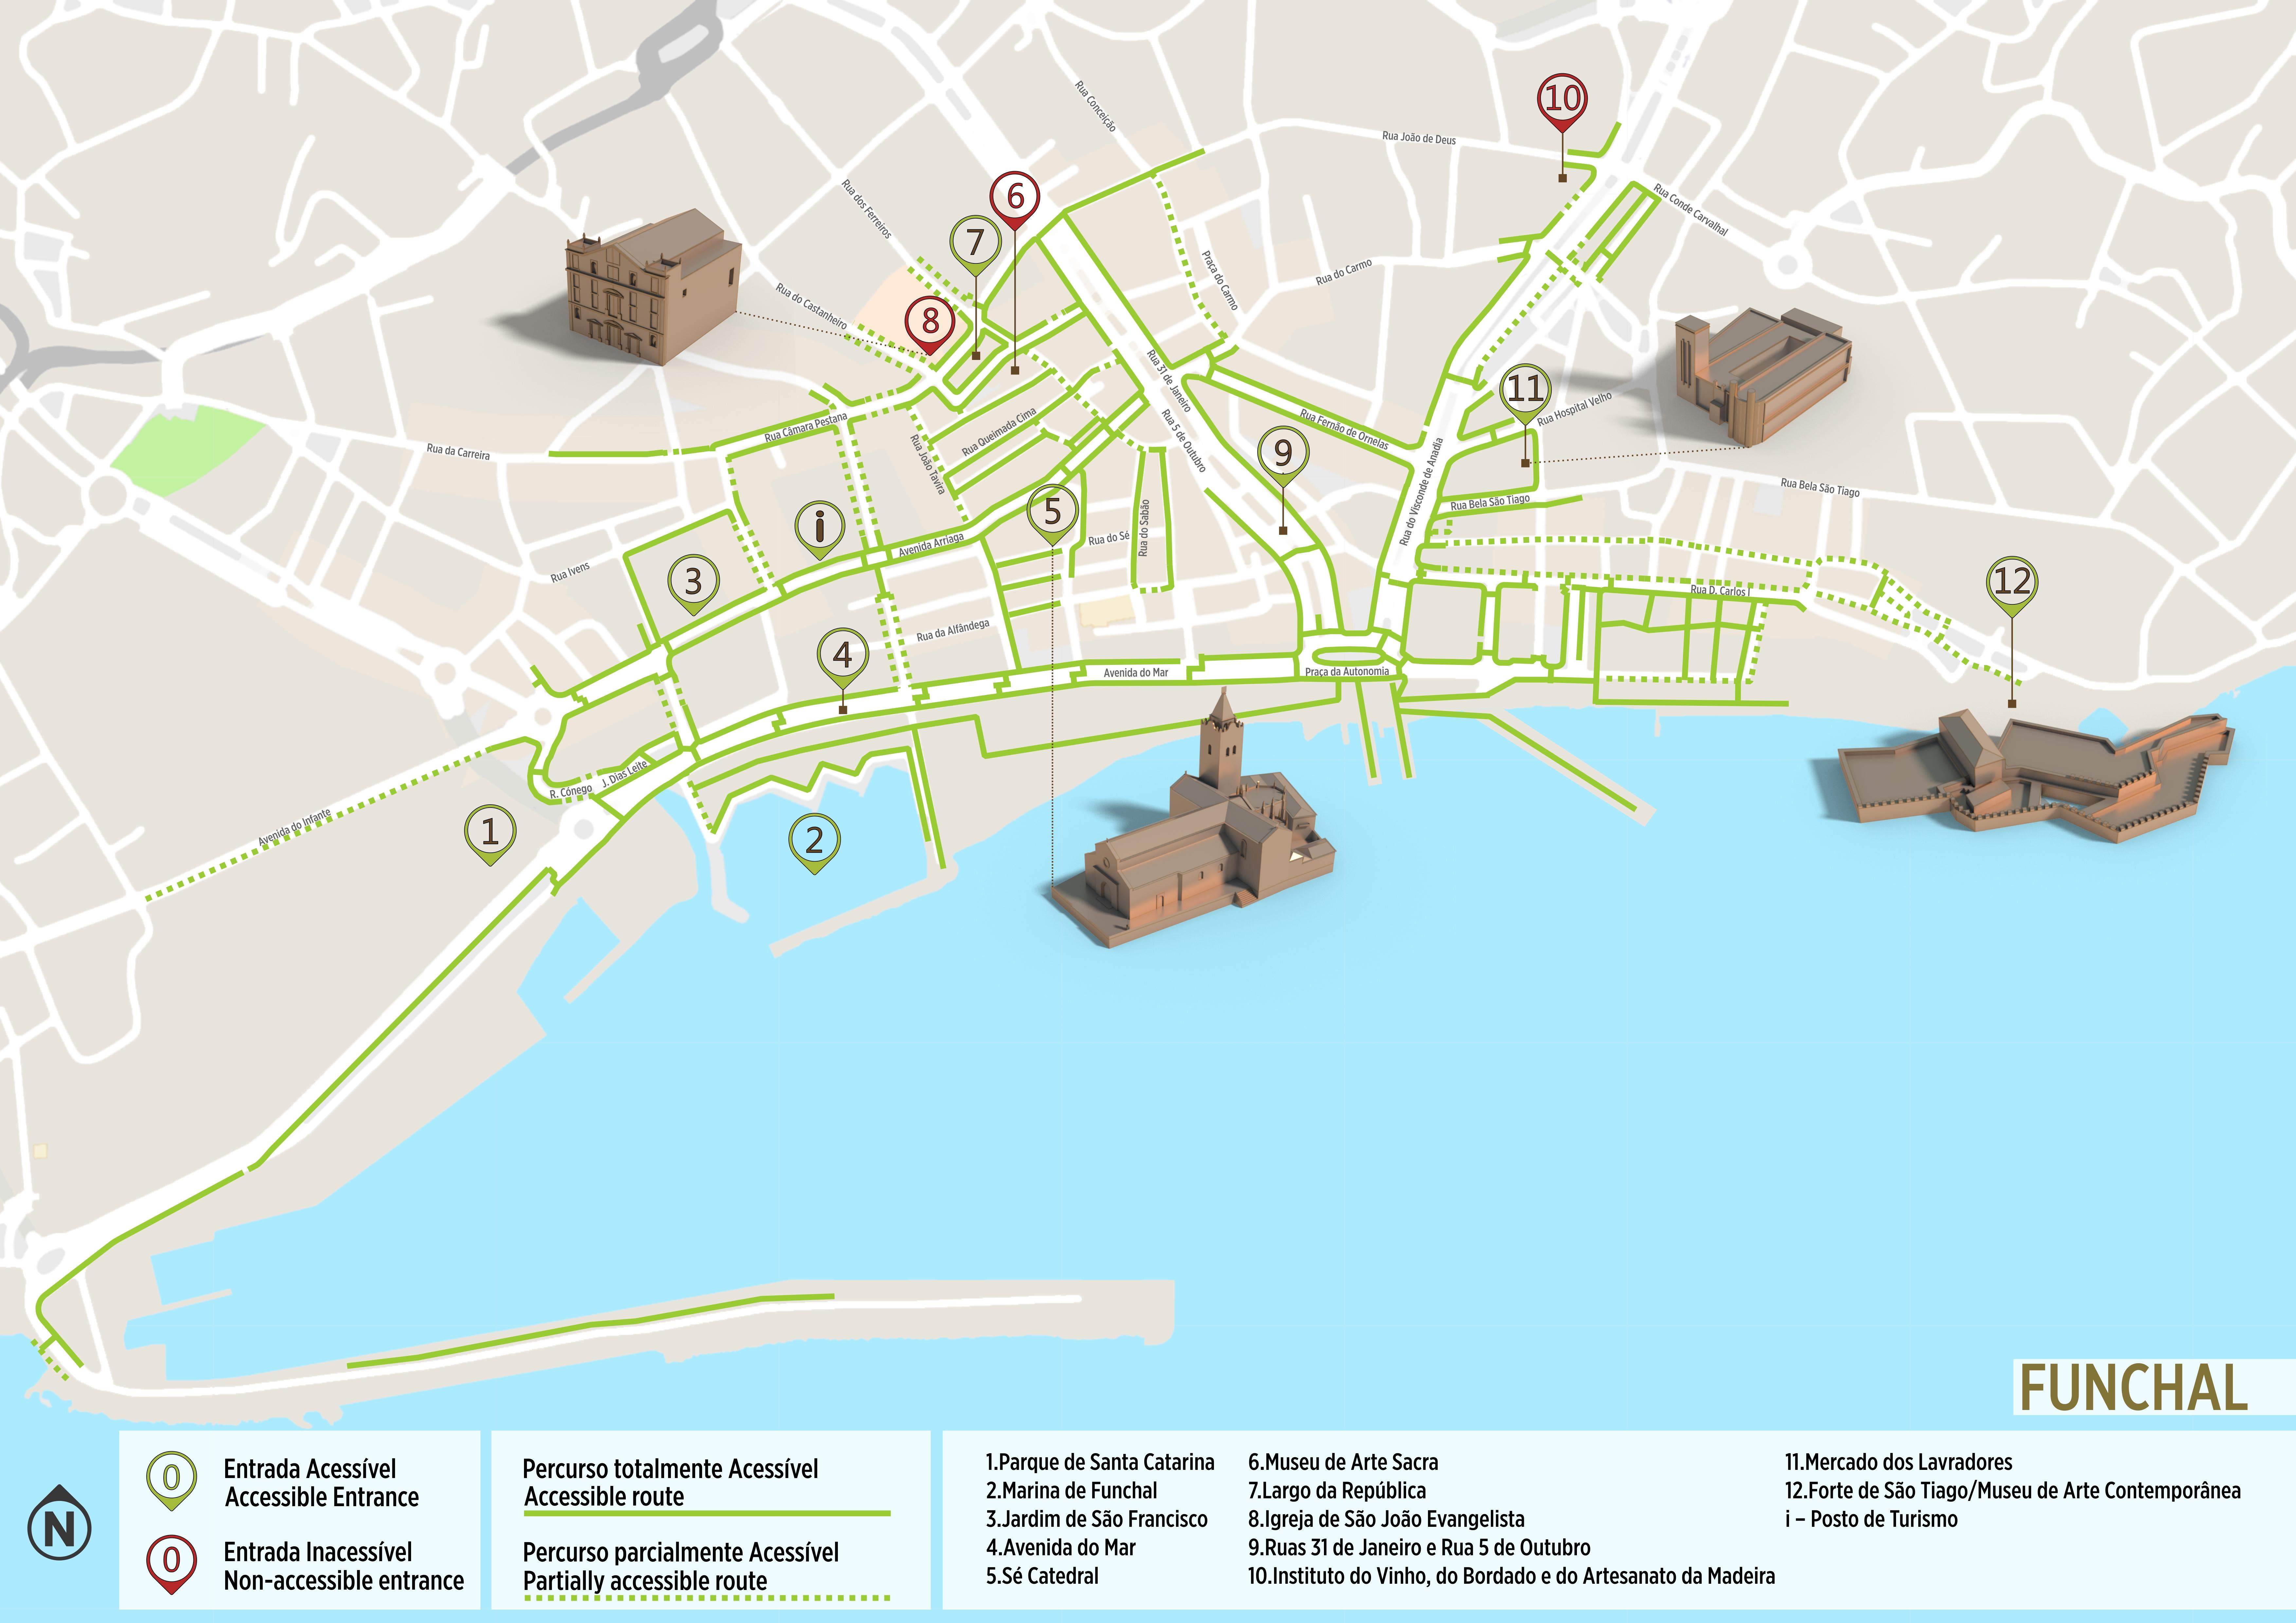 mapa do funchal ruas Funchal   Accessible Tour | .visitportugal.com mapa do funchal ruas